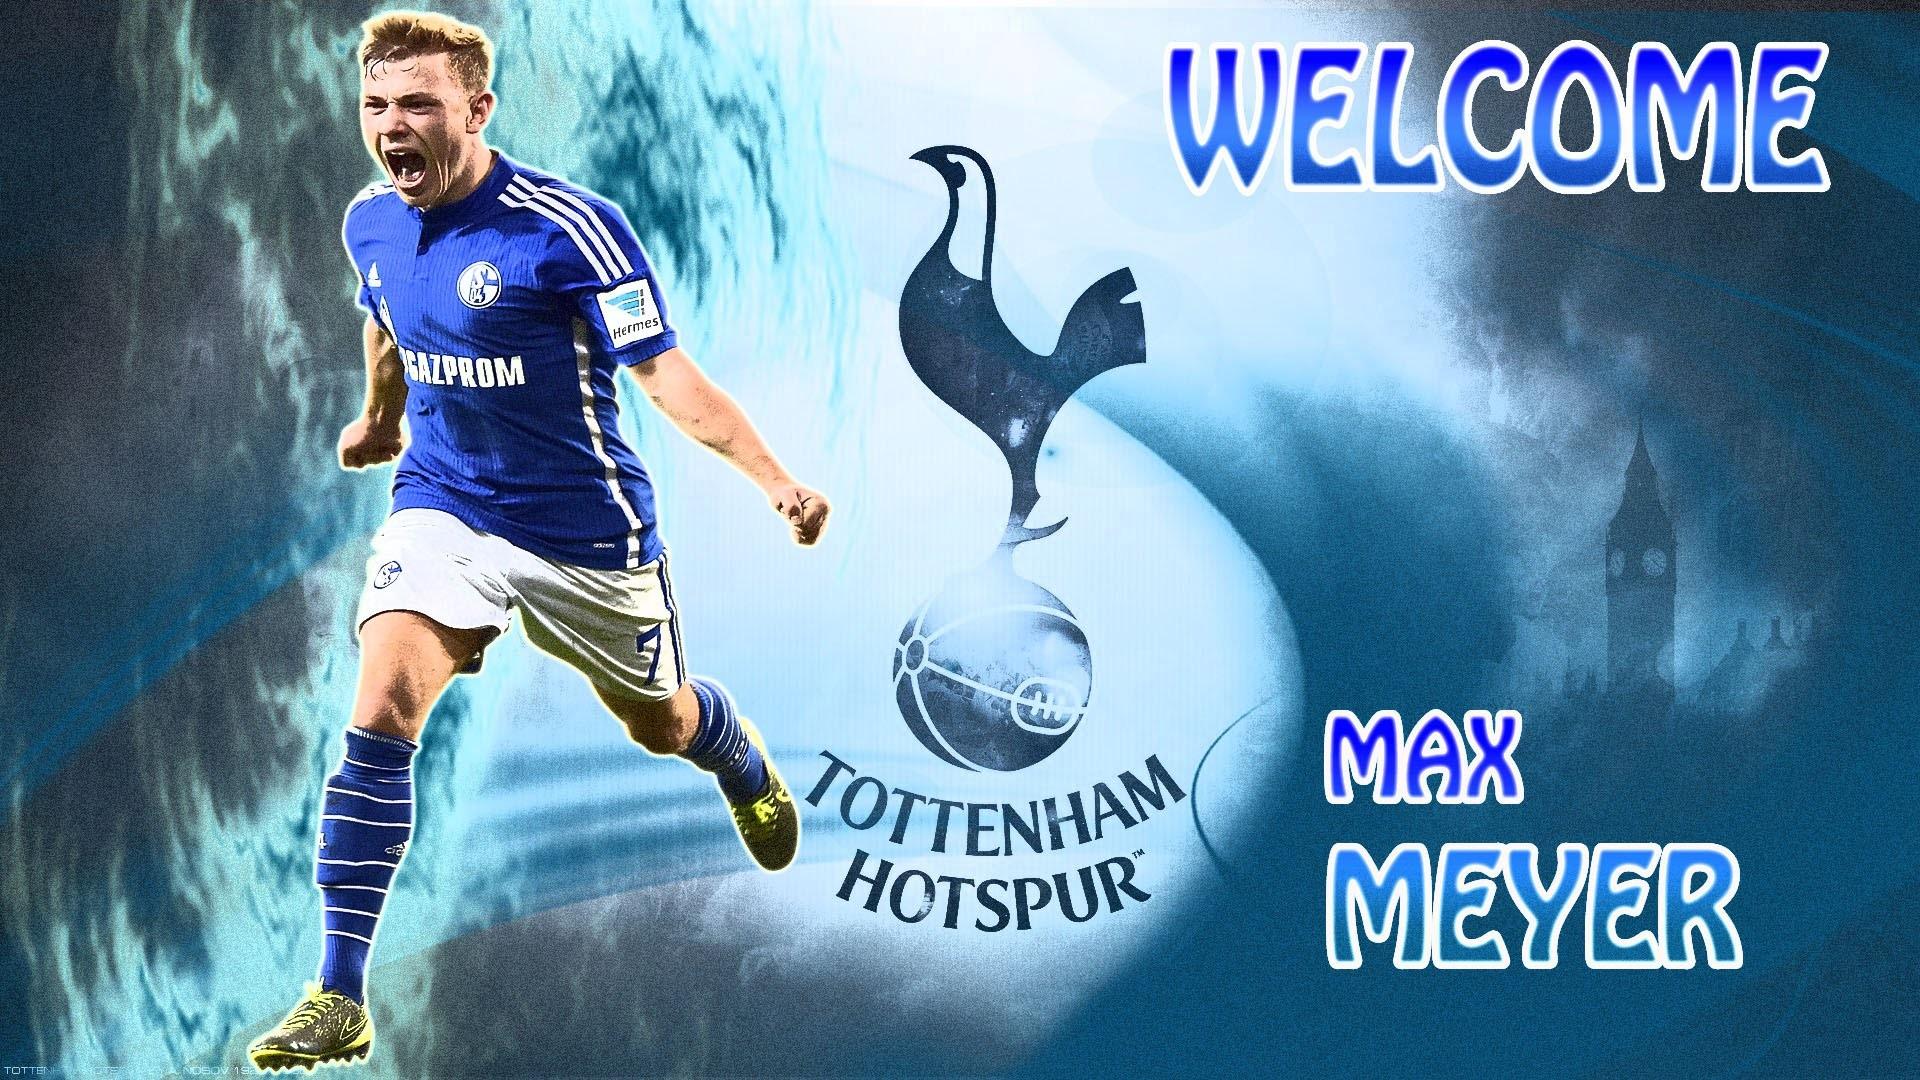 Max Meyer/ Transfer/ Tottenham Hotspur target 2016/2017